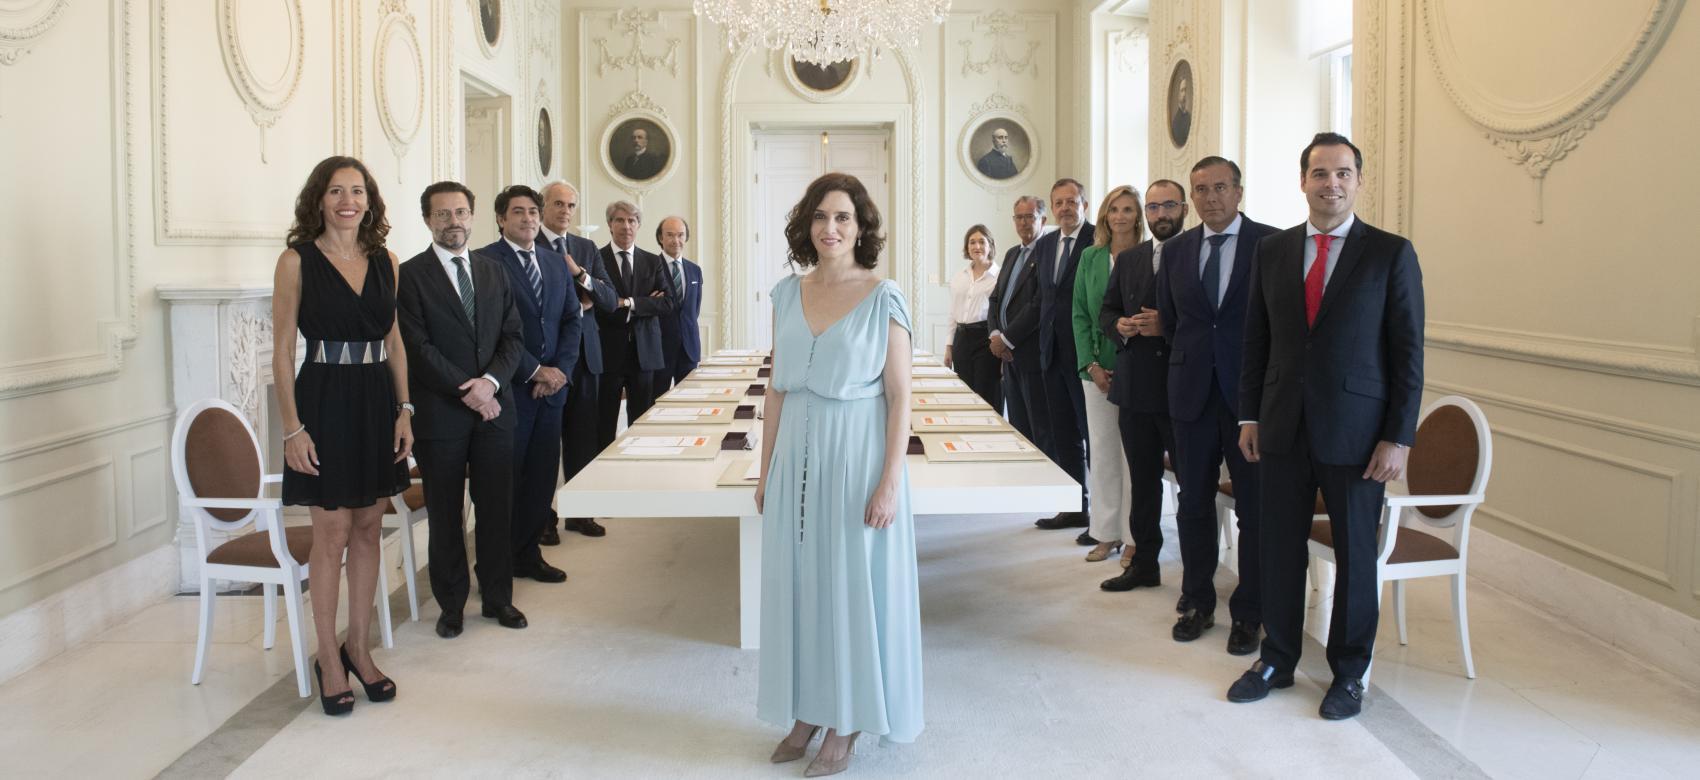 Imagen de la primera reunión del Consejo de Gobierno con Isabel Díaz Ayuso como presidenta regional